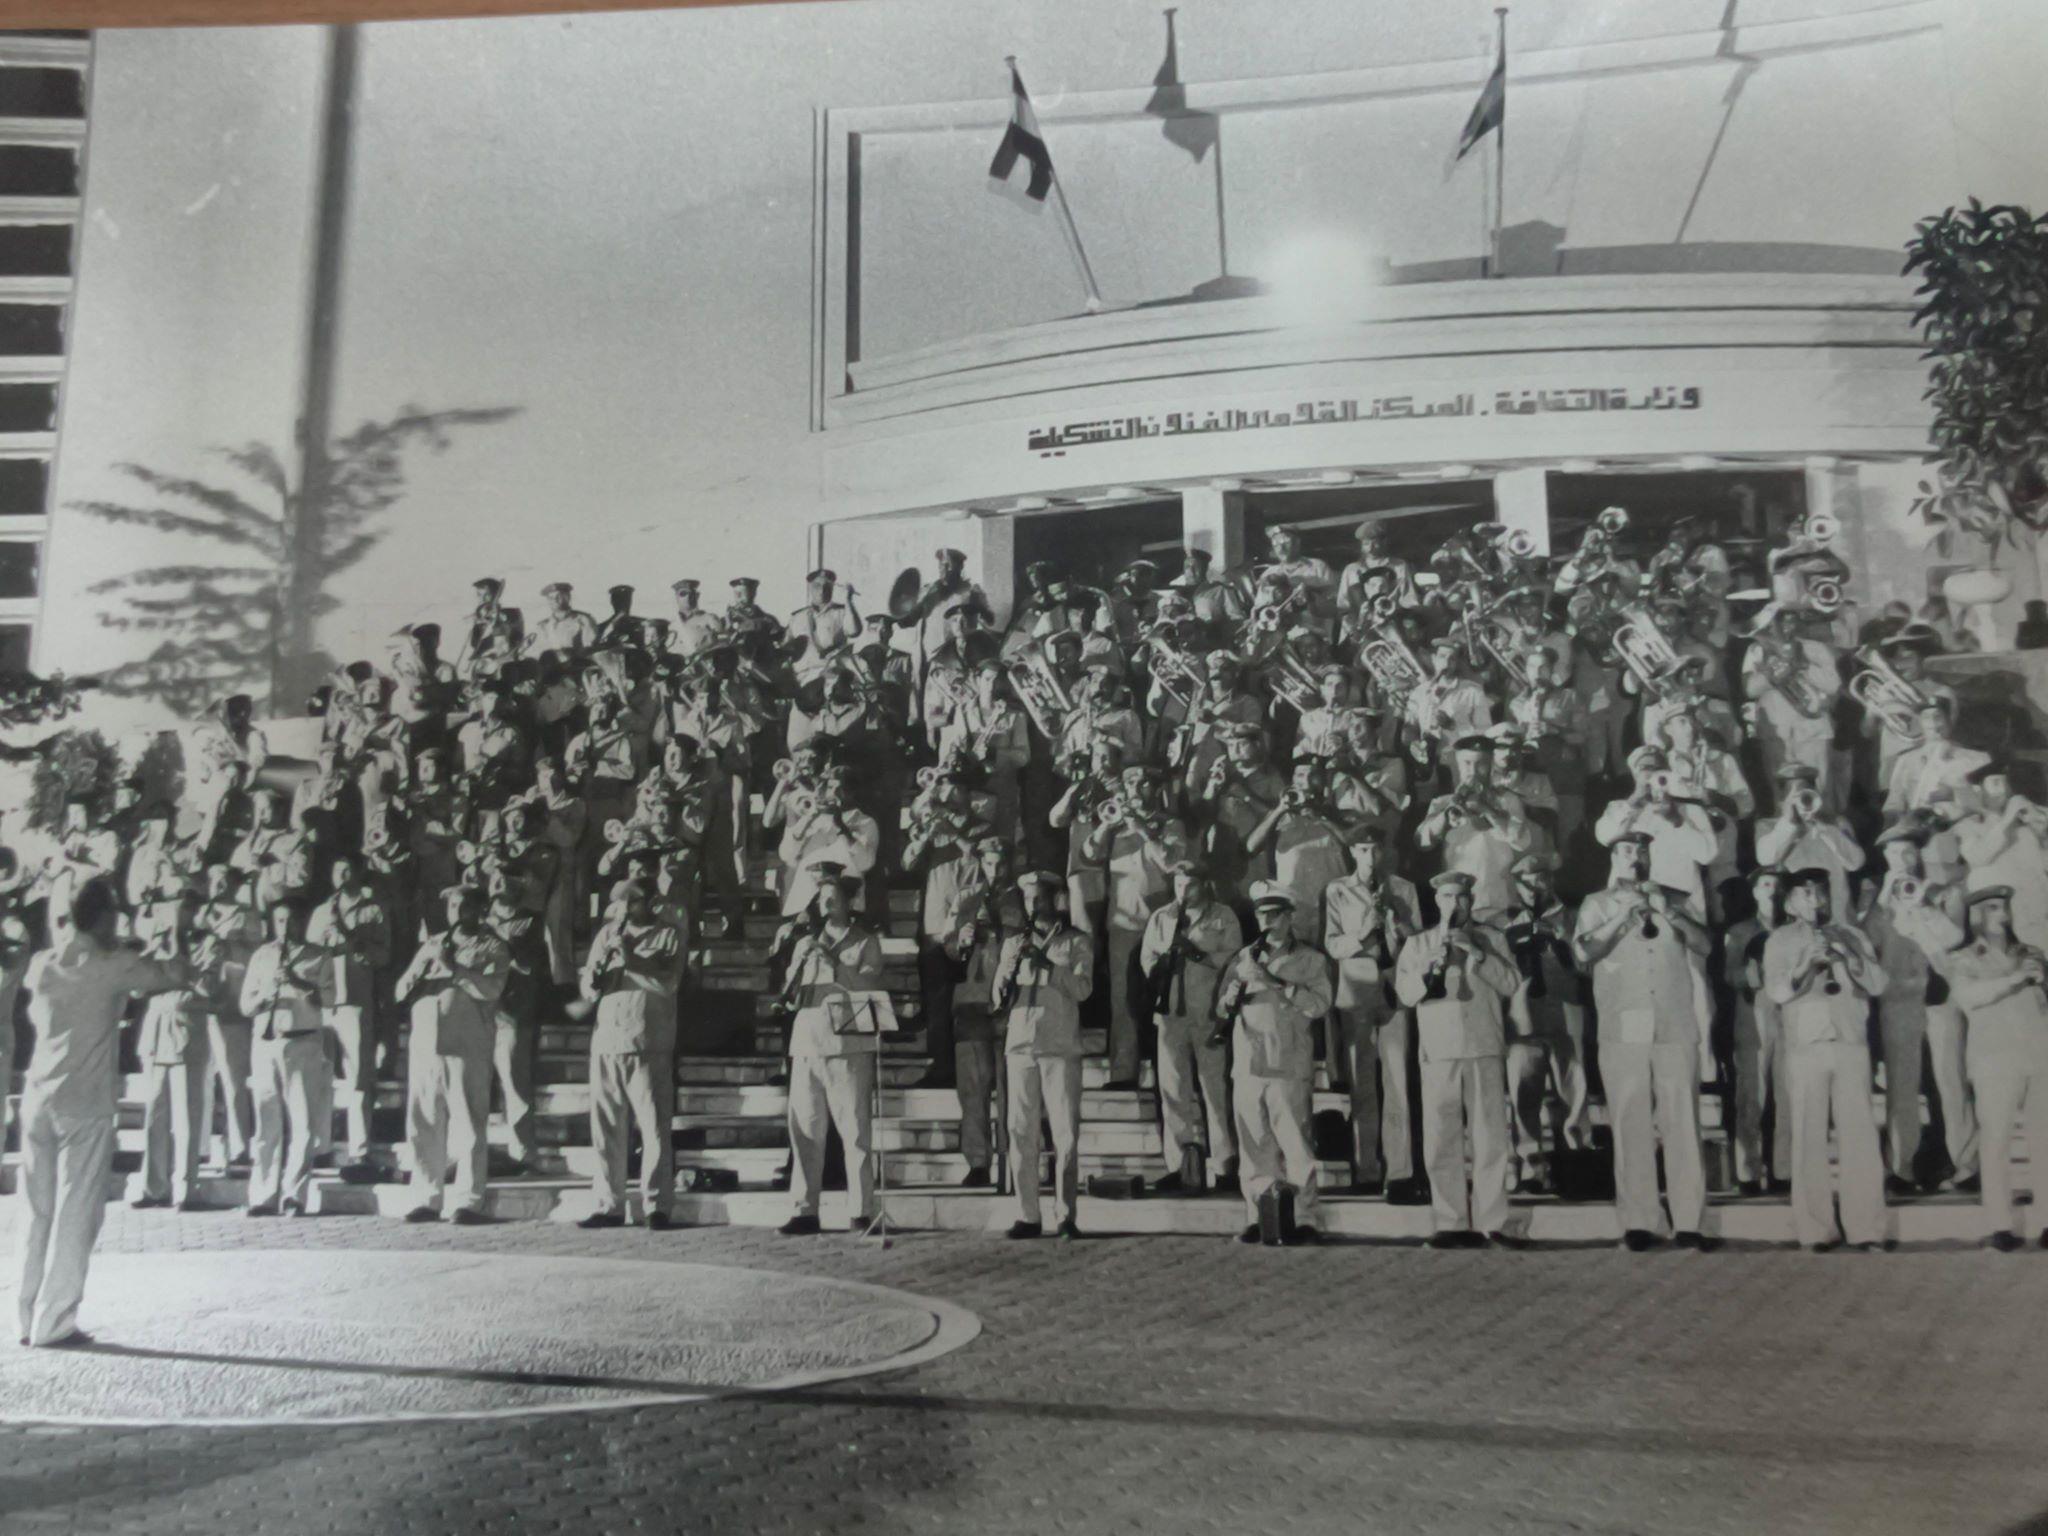 صور نادرة لافتتاح دار الأوبرا المصرية 1988